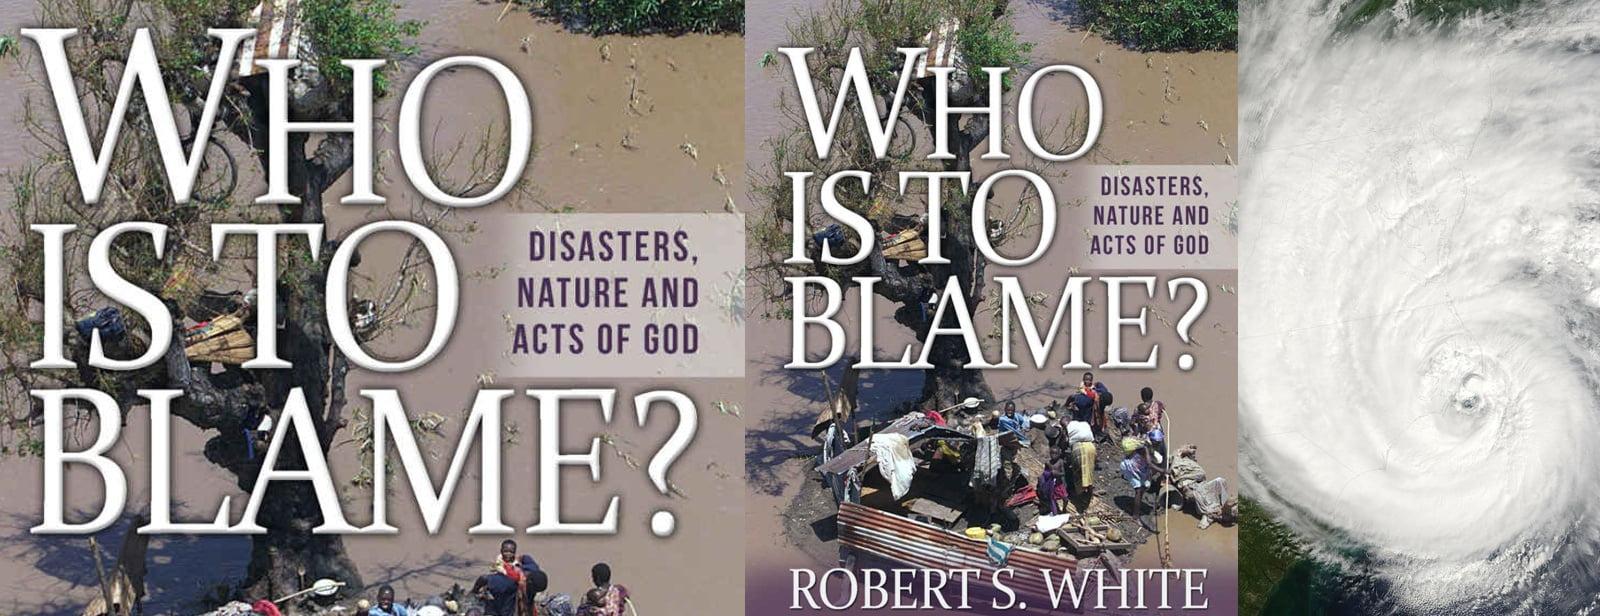 Les catastrophes naturelles, à qui la faute ?